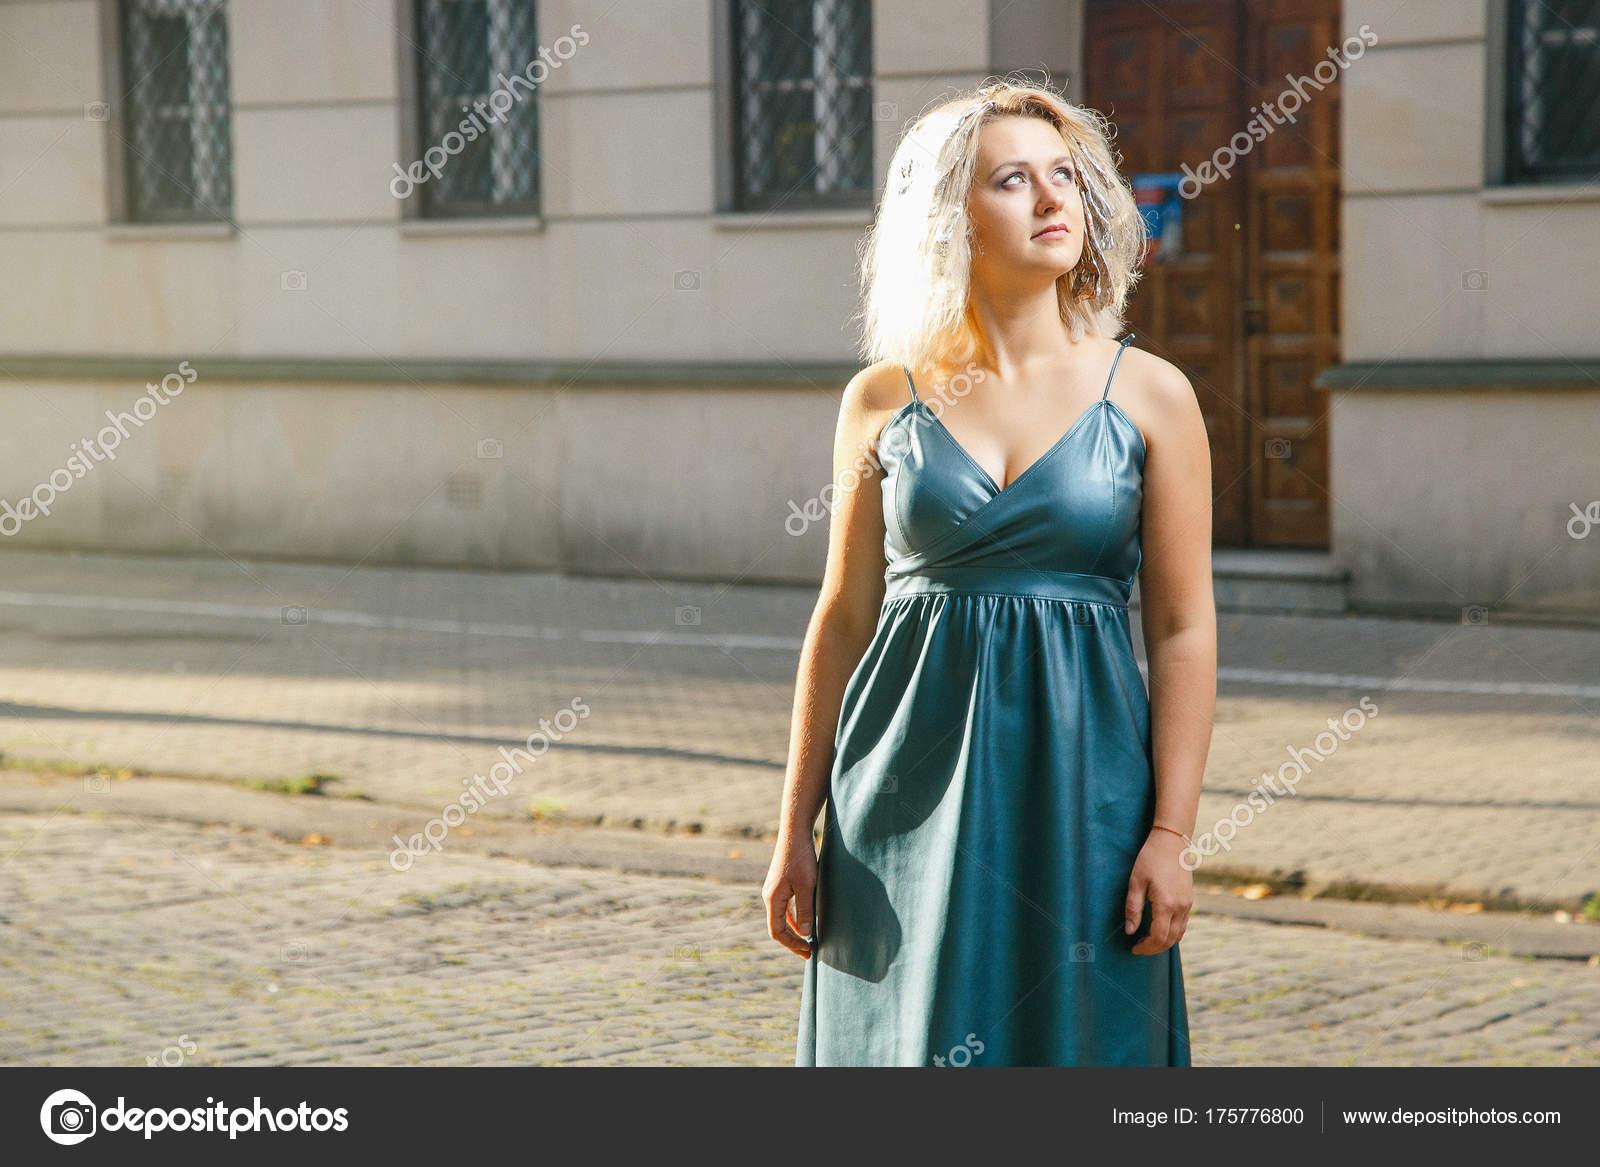 Фото женщин с улиц города #3